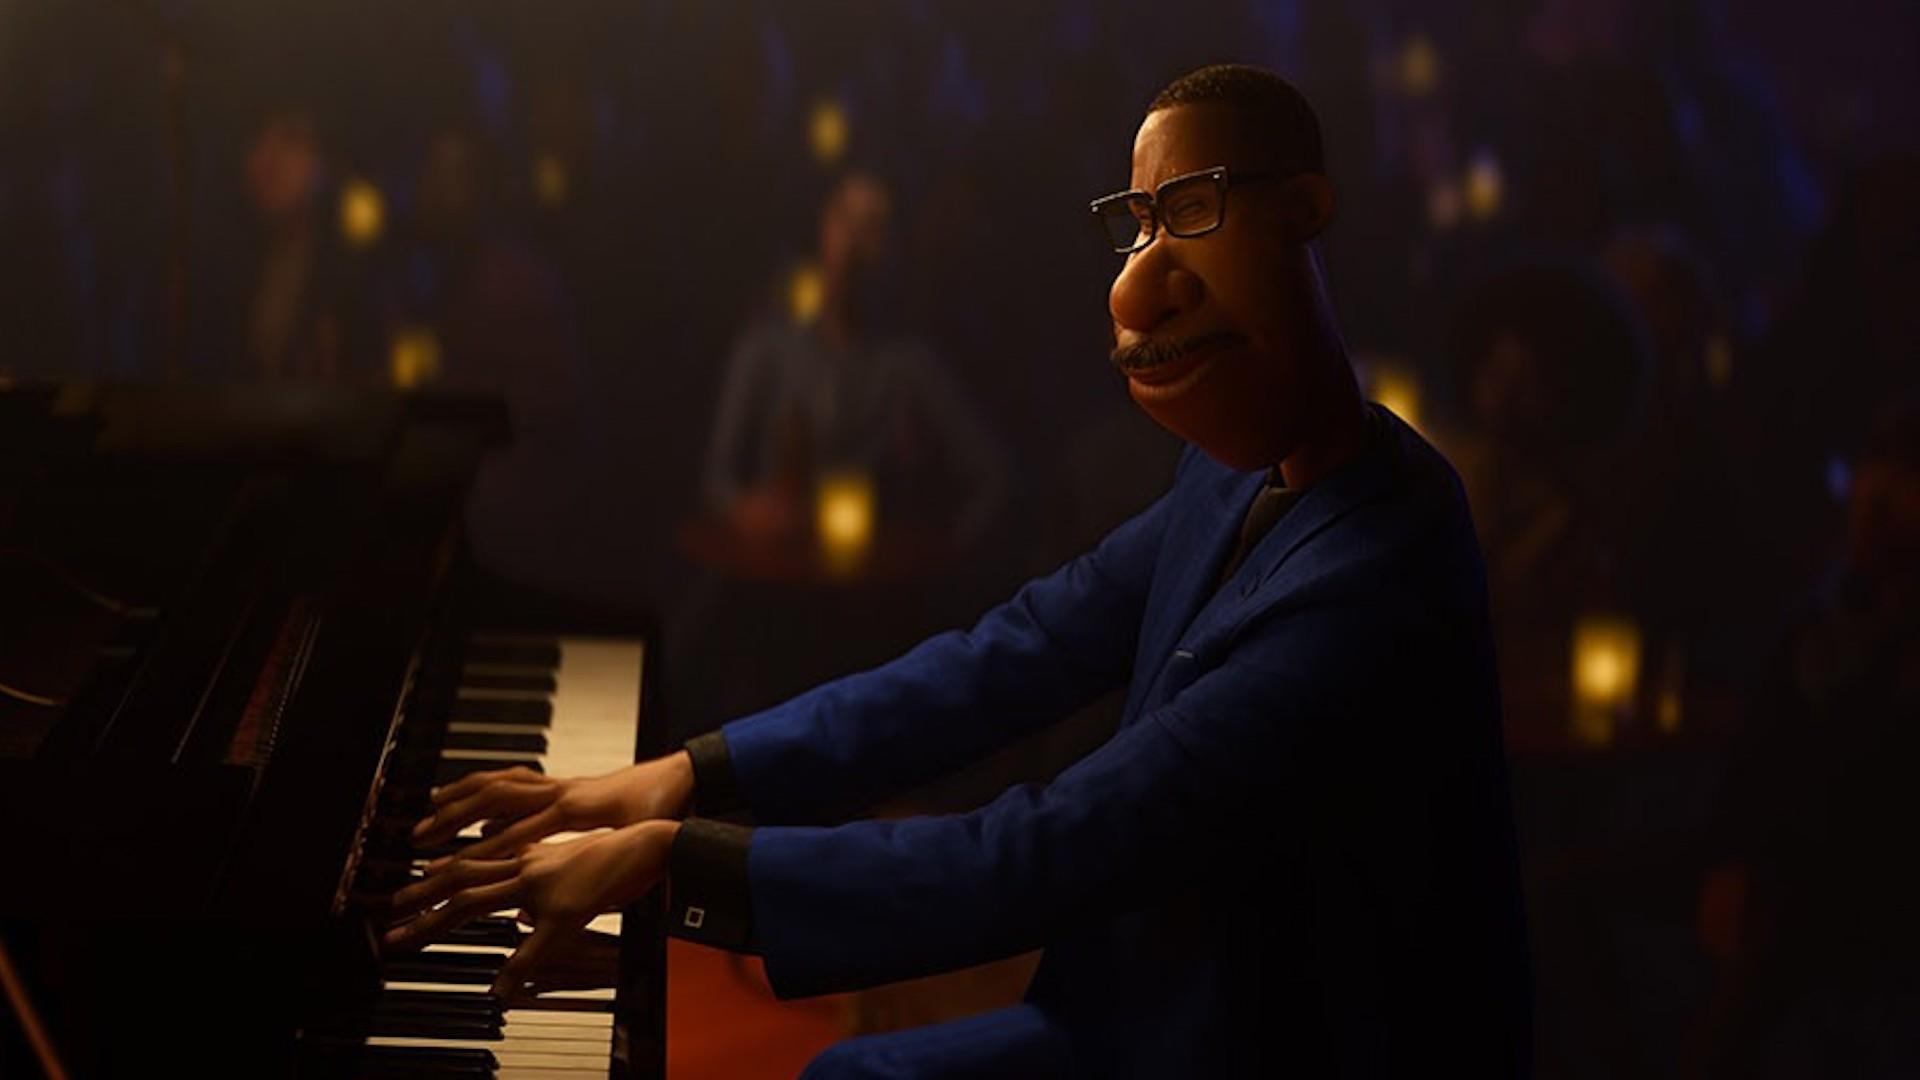 La mejor película estreno para ver en Navidad: Soul, en Disney Plus